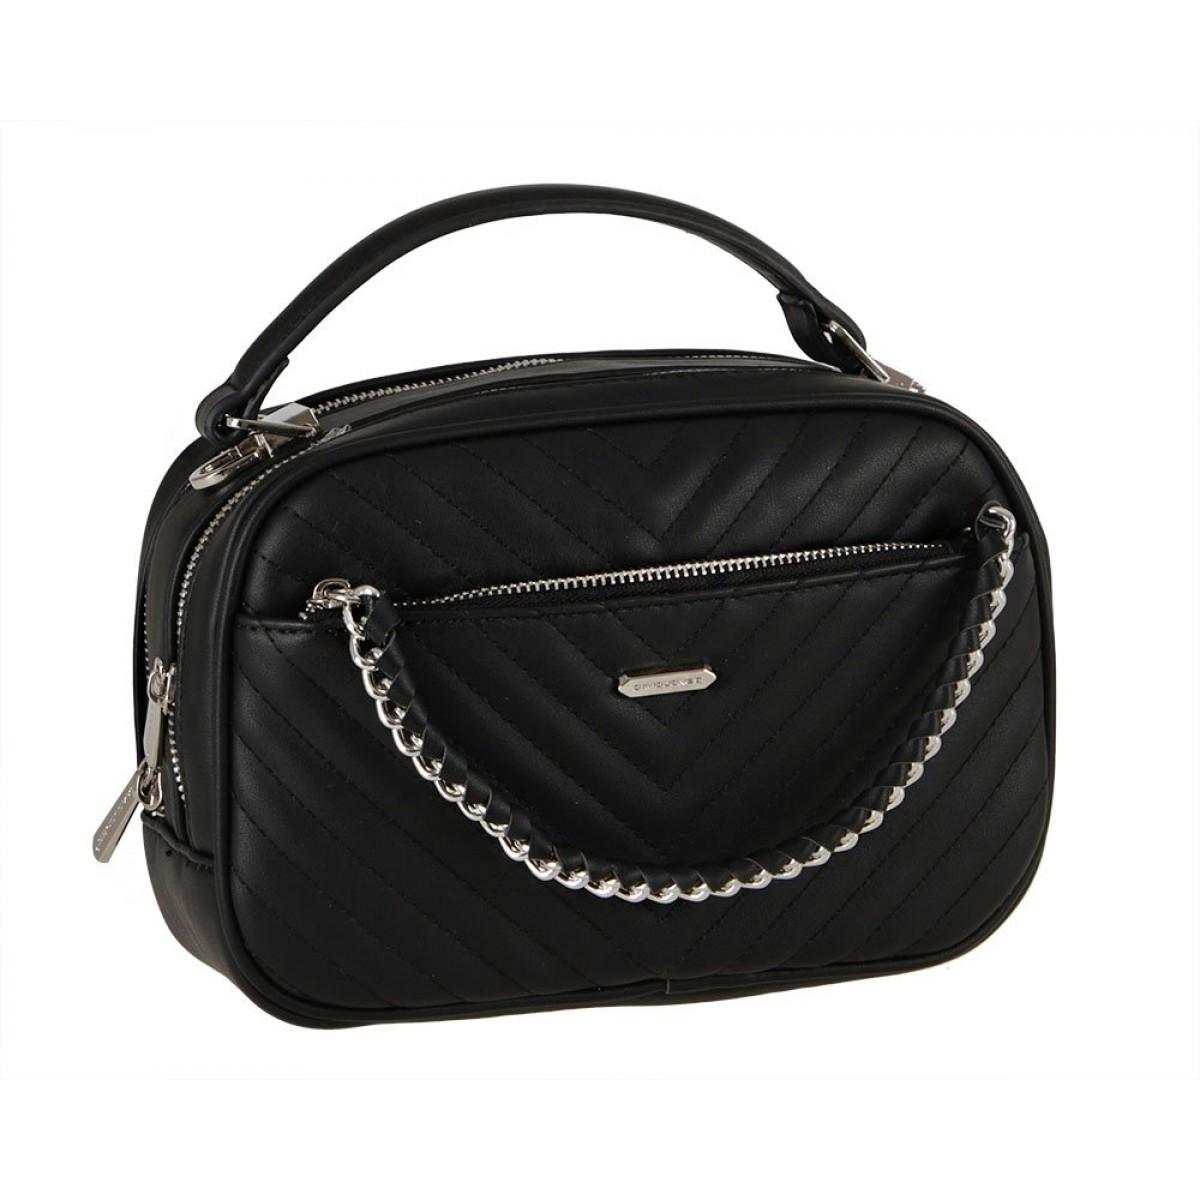 Жіноча сумка David Jones 6232-2 BLACK